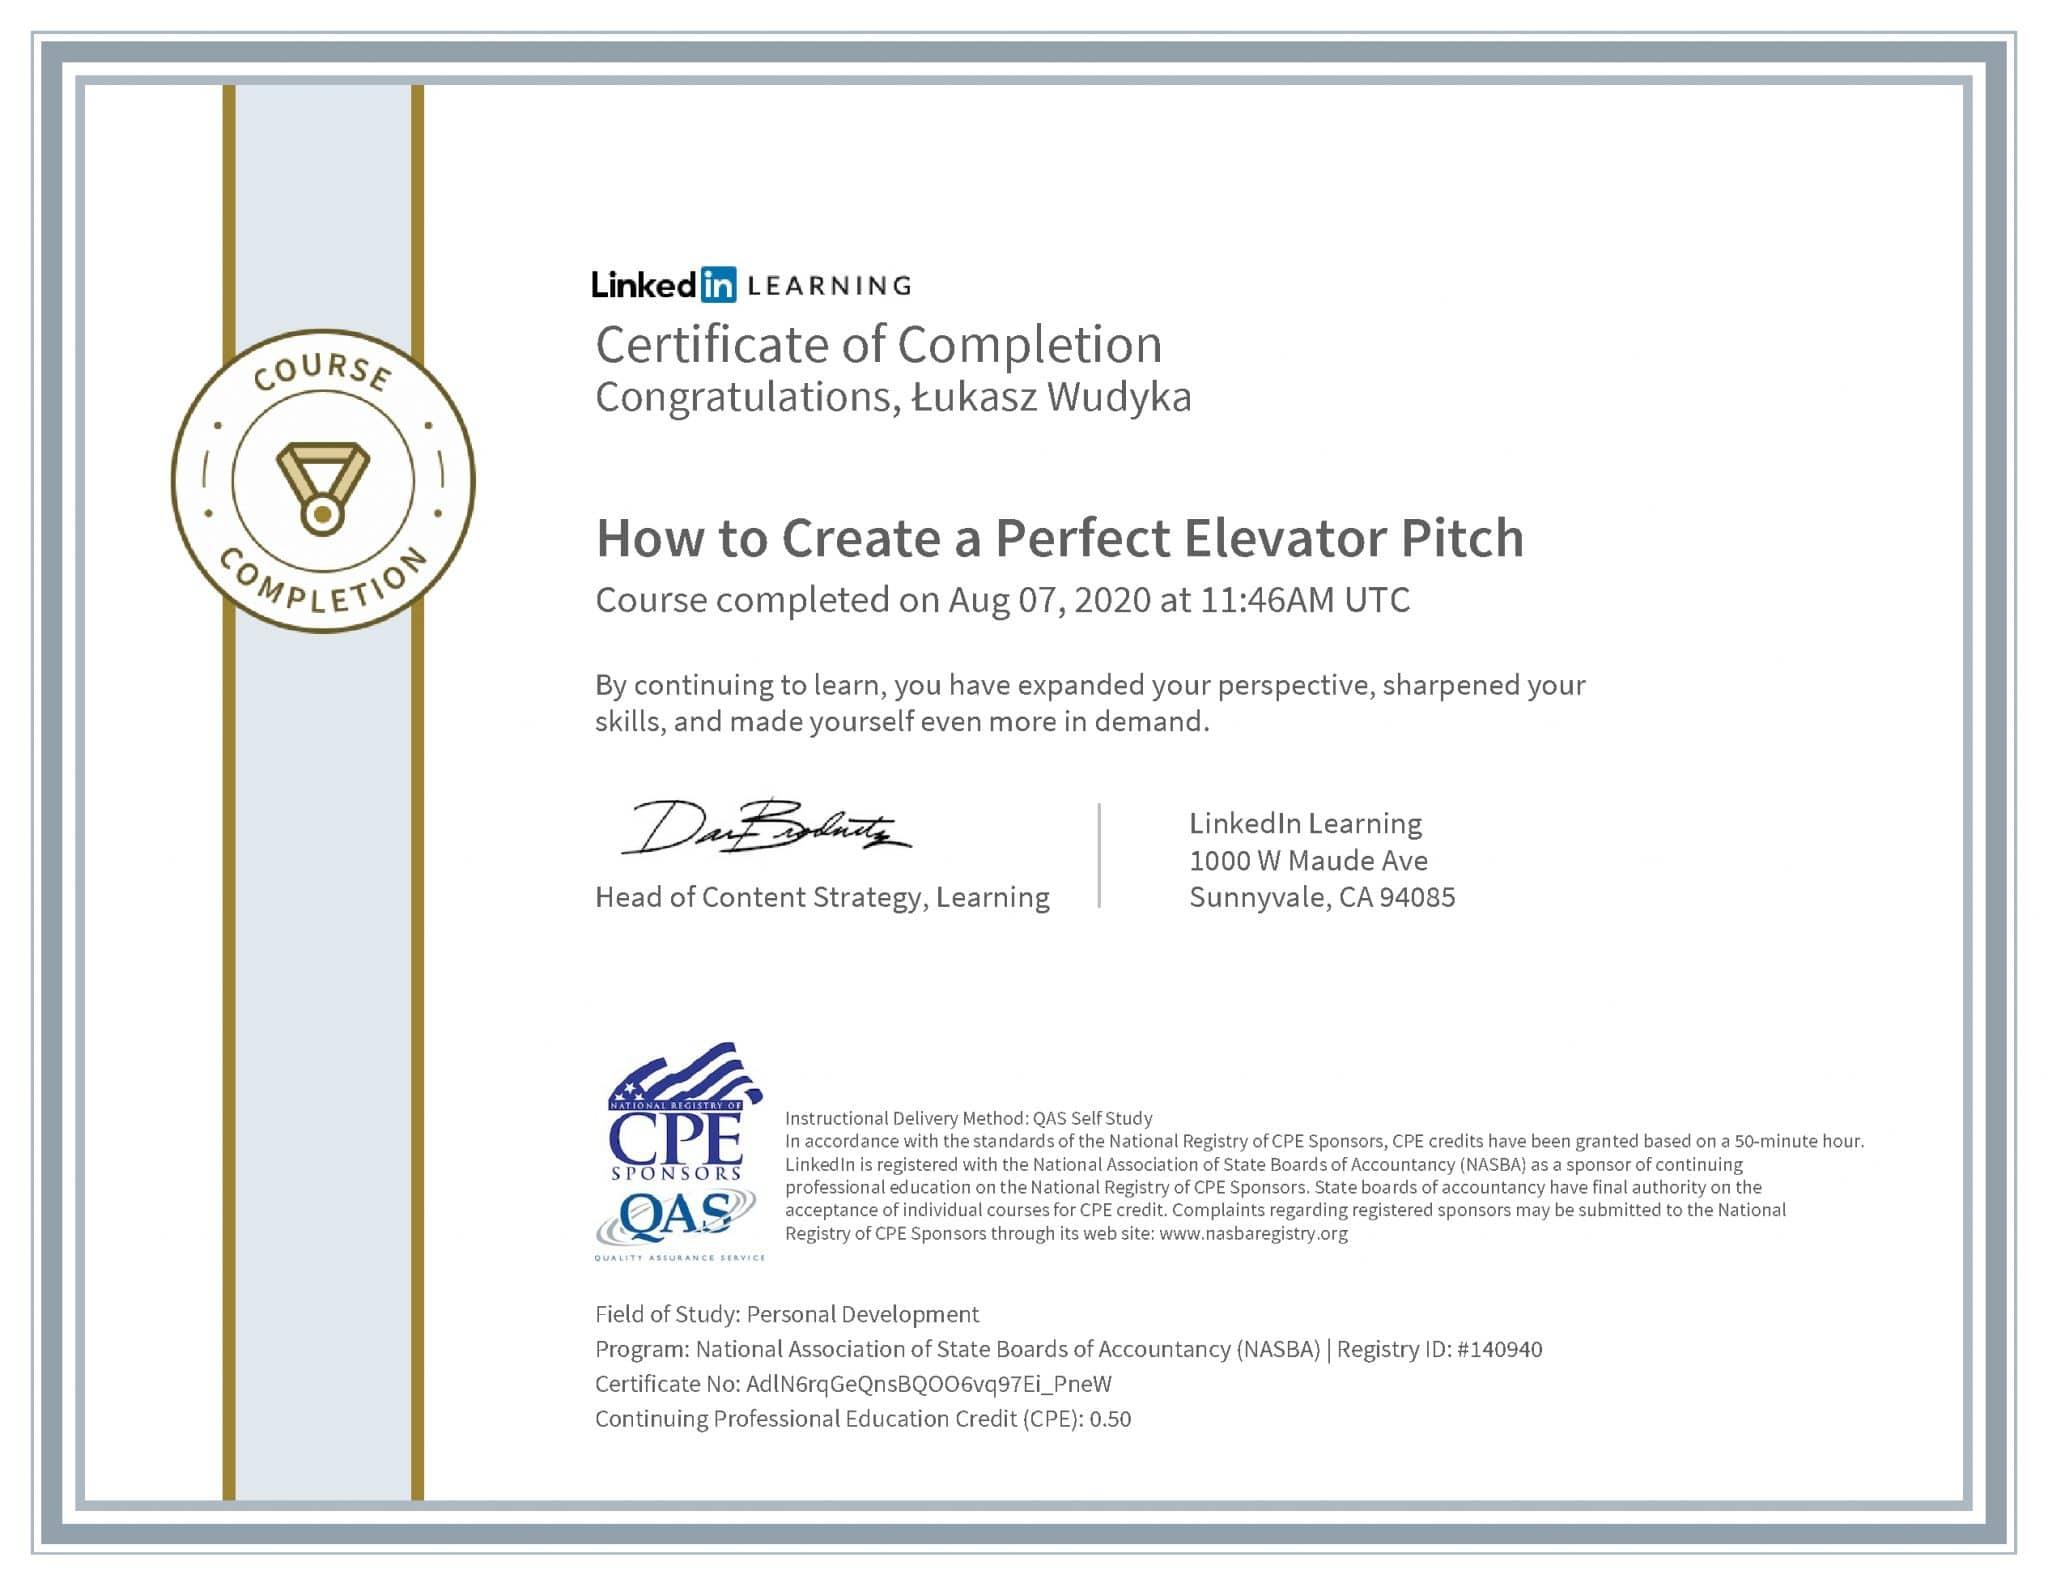 Łukasz Wudyka certyfikat LinkedIn How to Create a Perfect Elevator Pitch NASBA